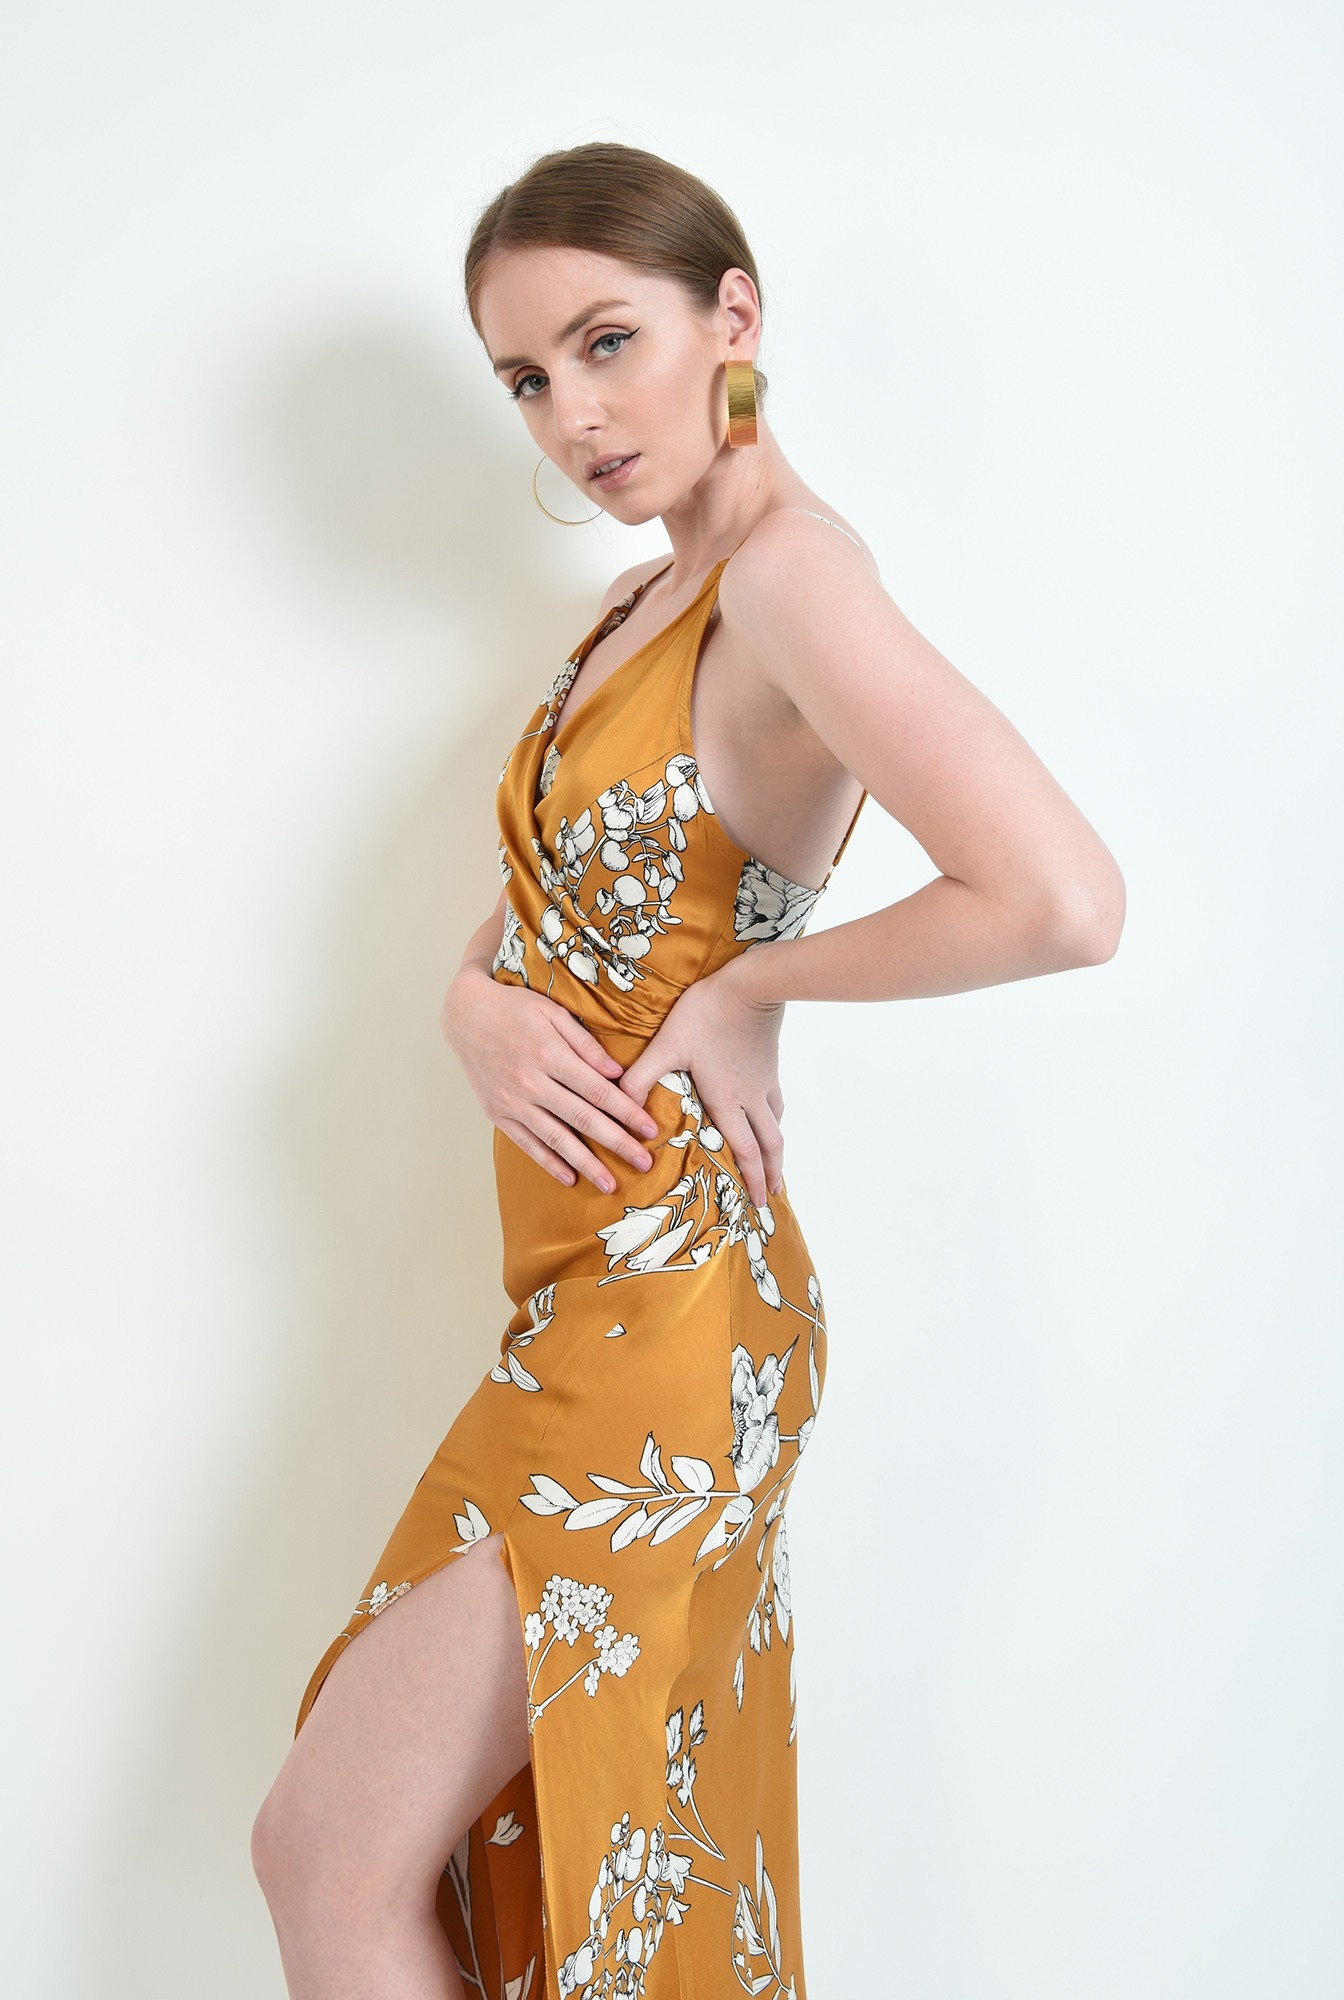 0 - rochie mustar, cu motive florale, cu bretele subtiri